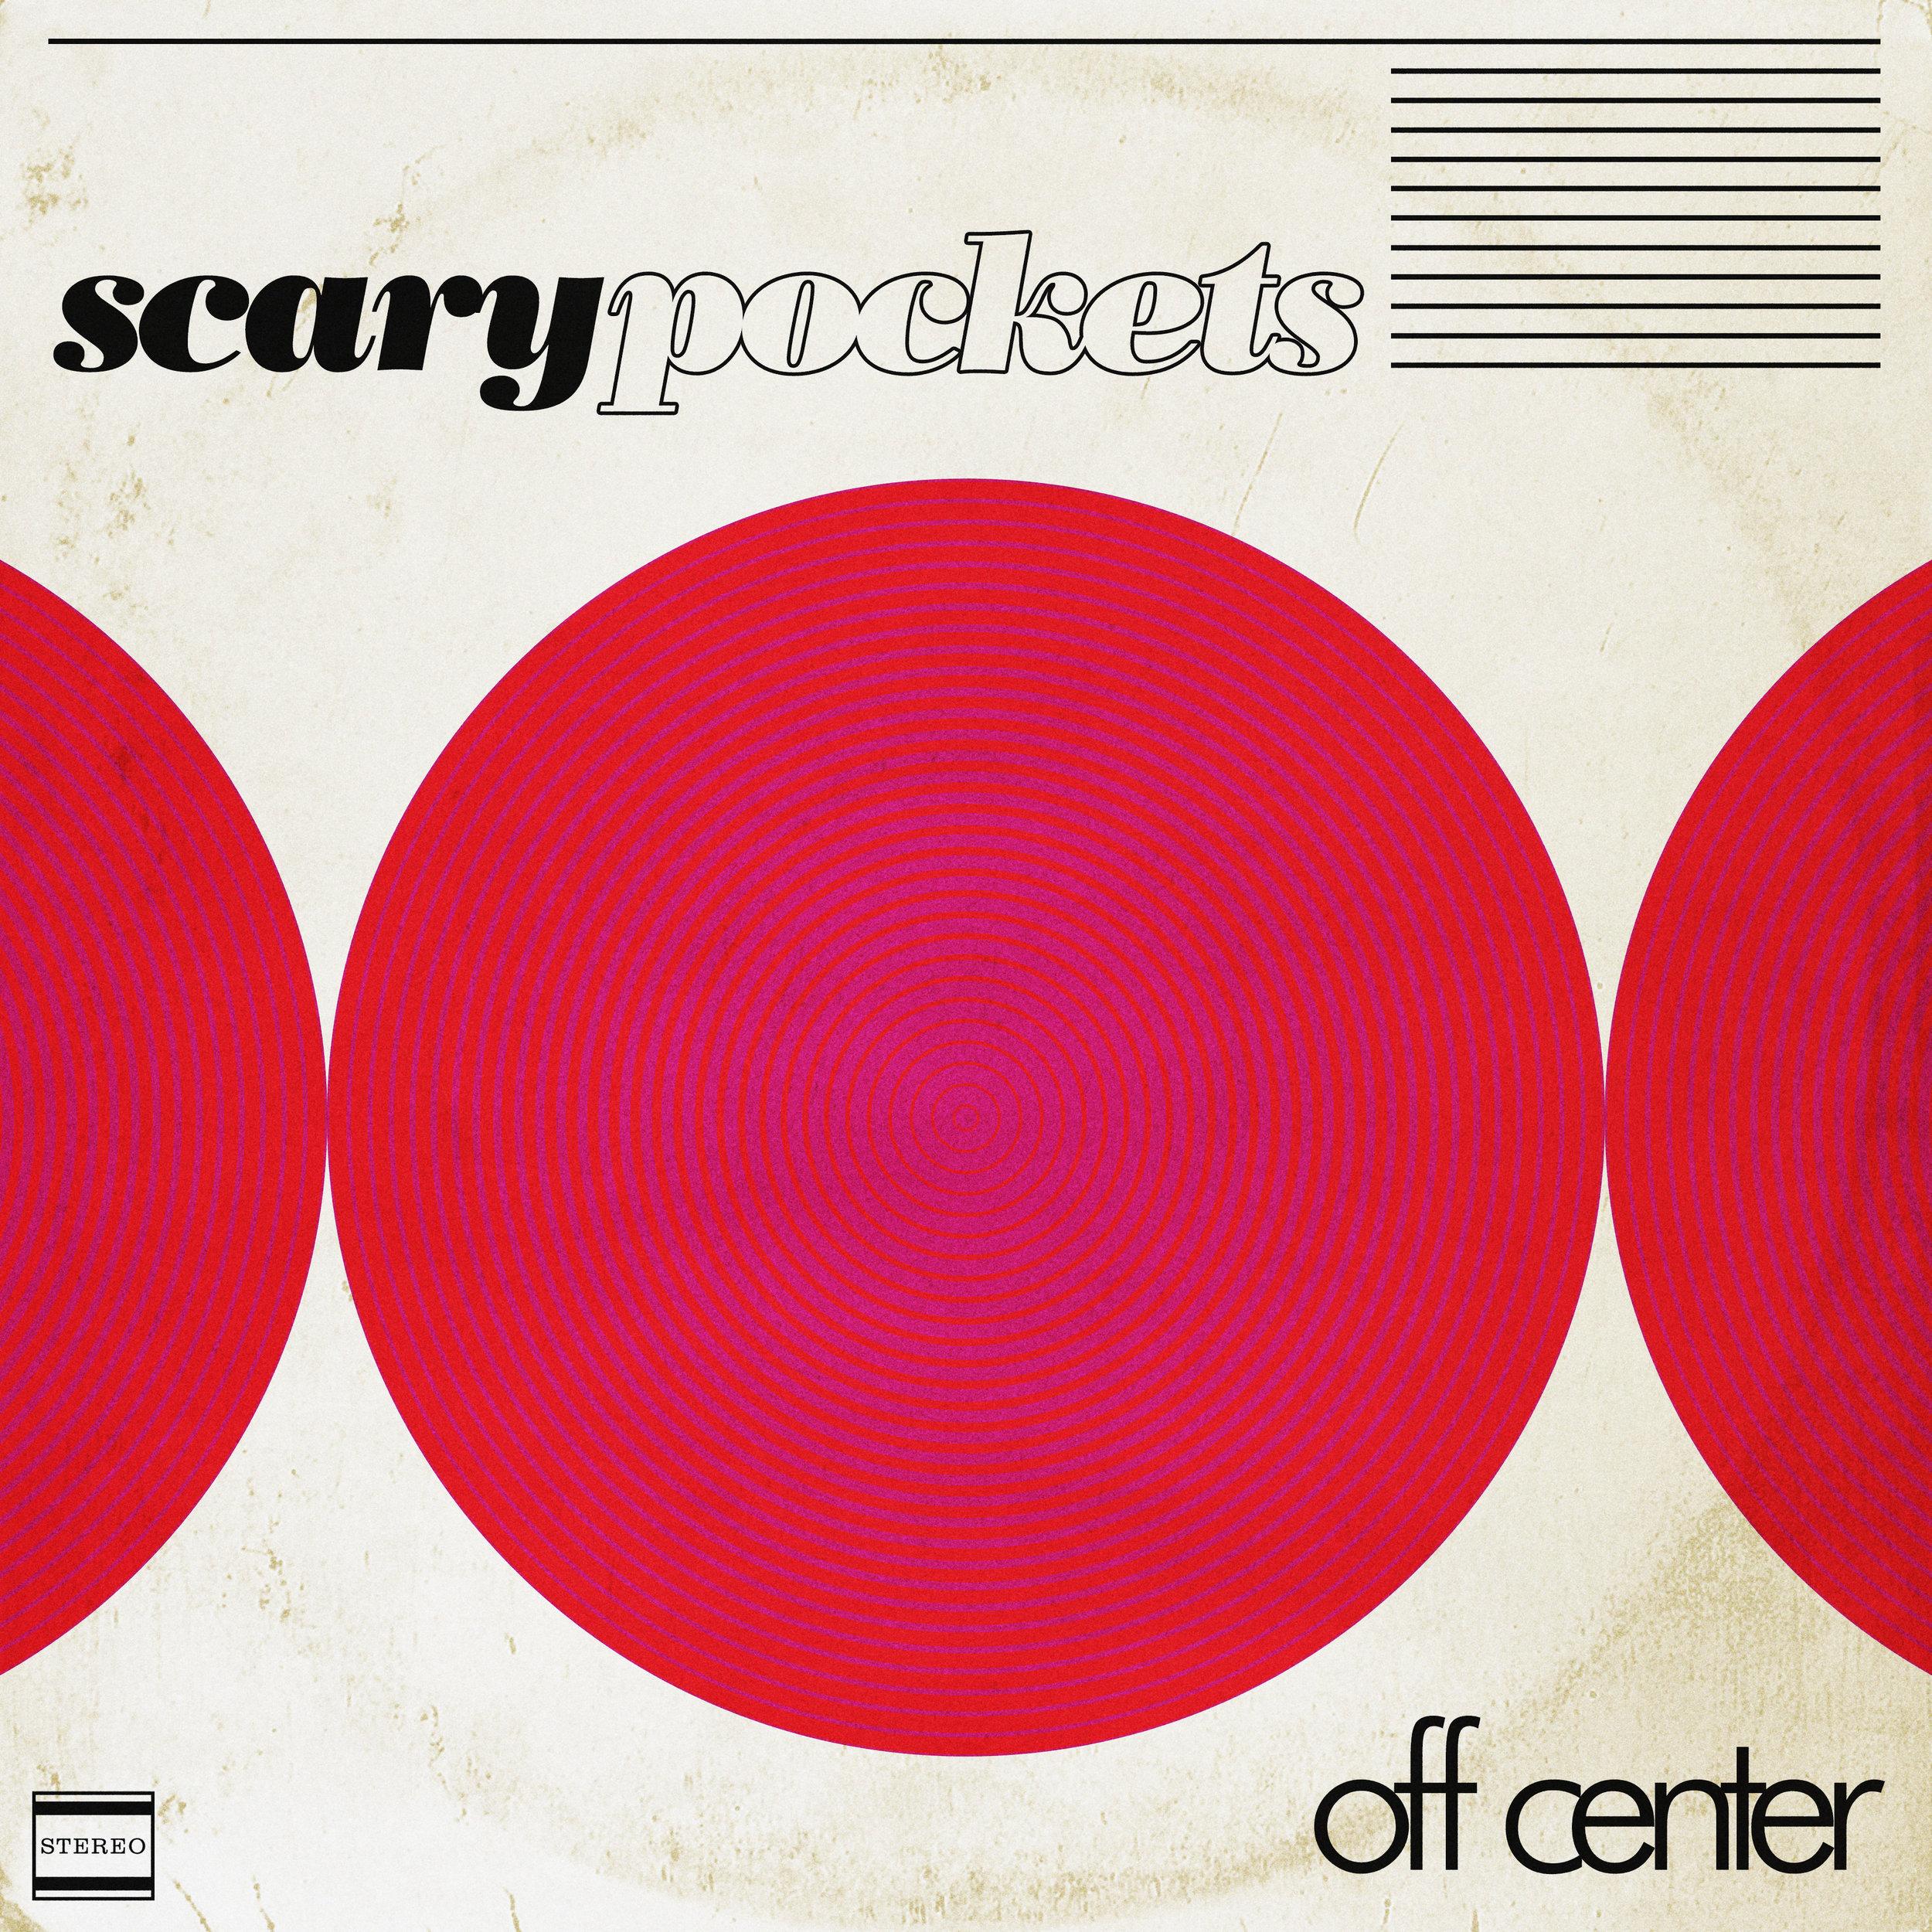 scary pockets 7-2019 2a.jpg